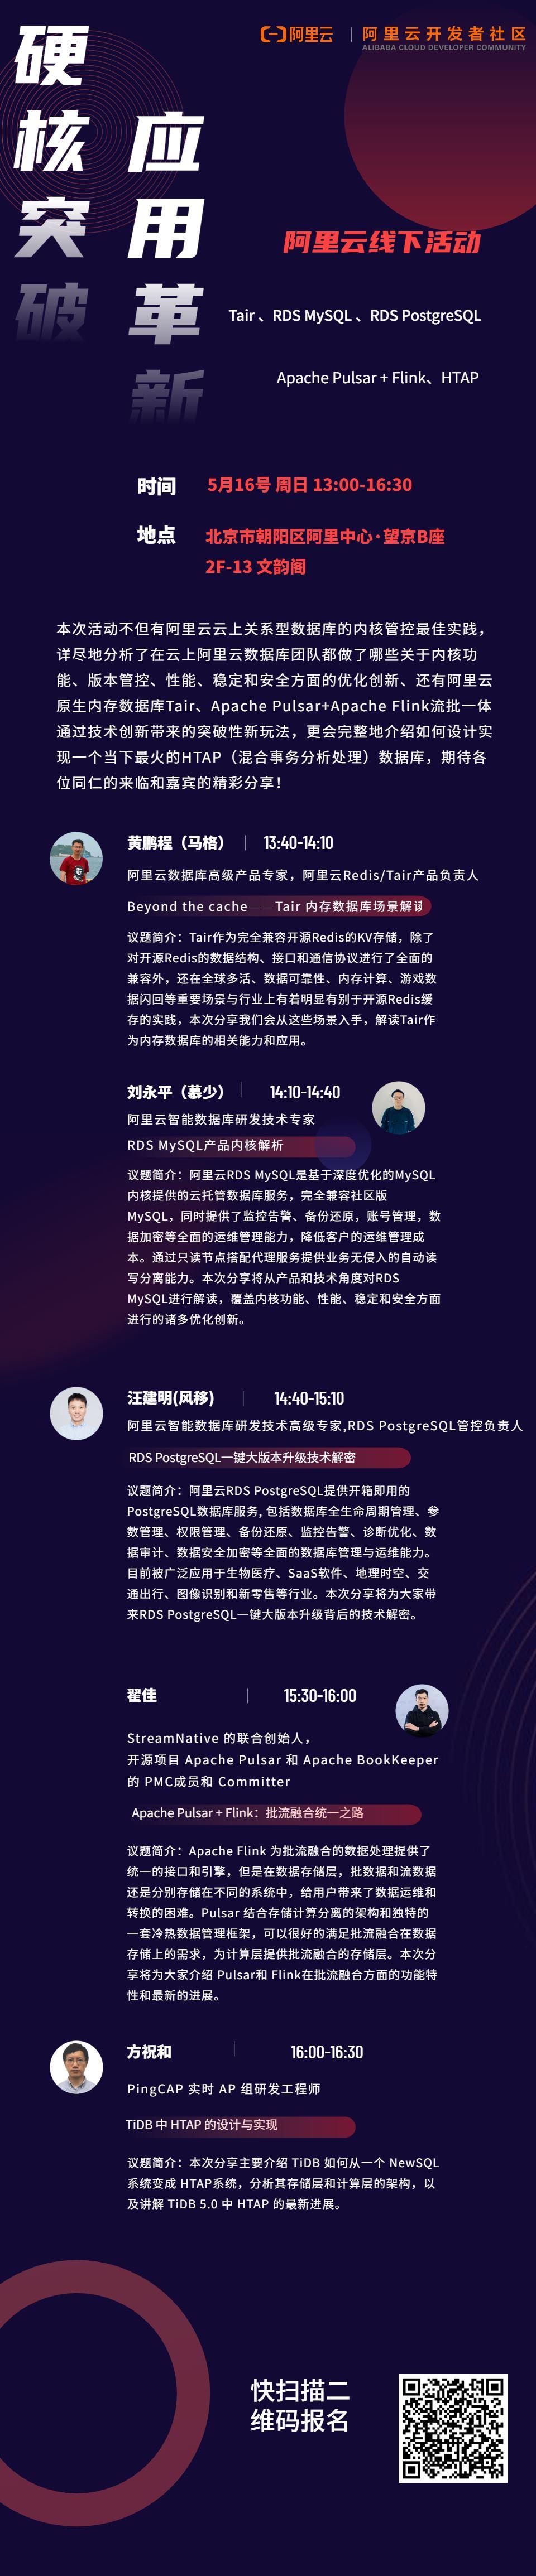 5-16北京数据库活动海报.jpg